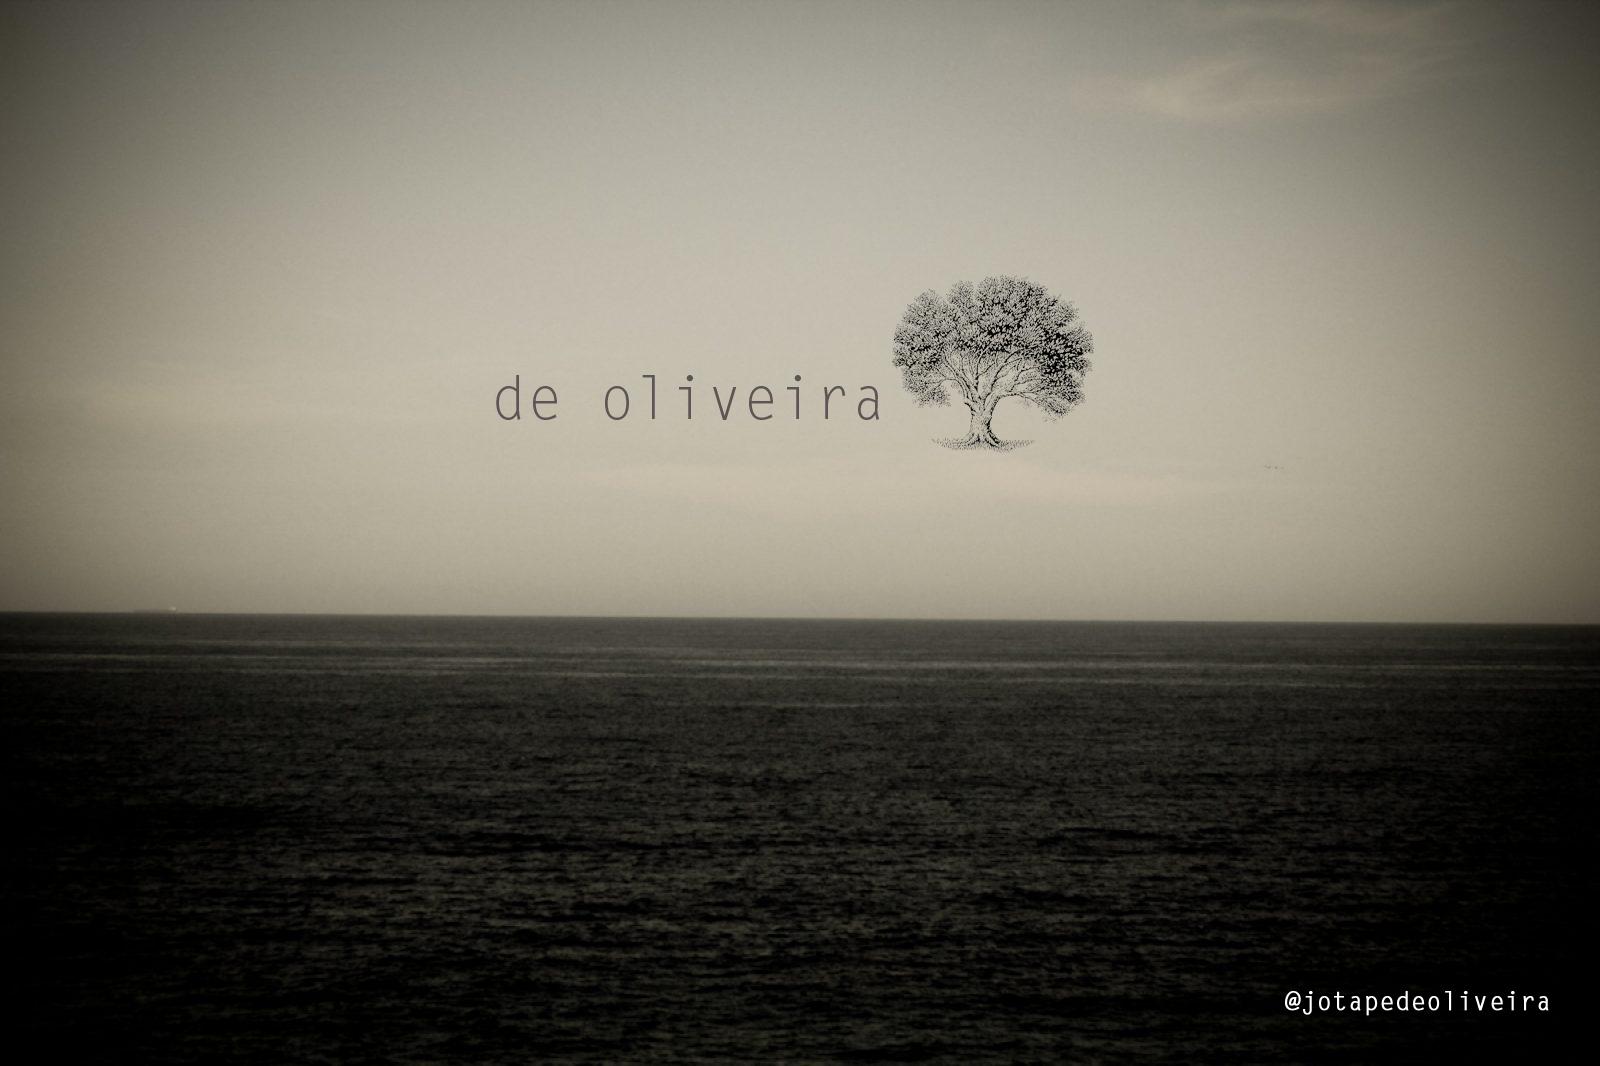 de Oliveira